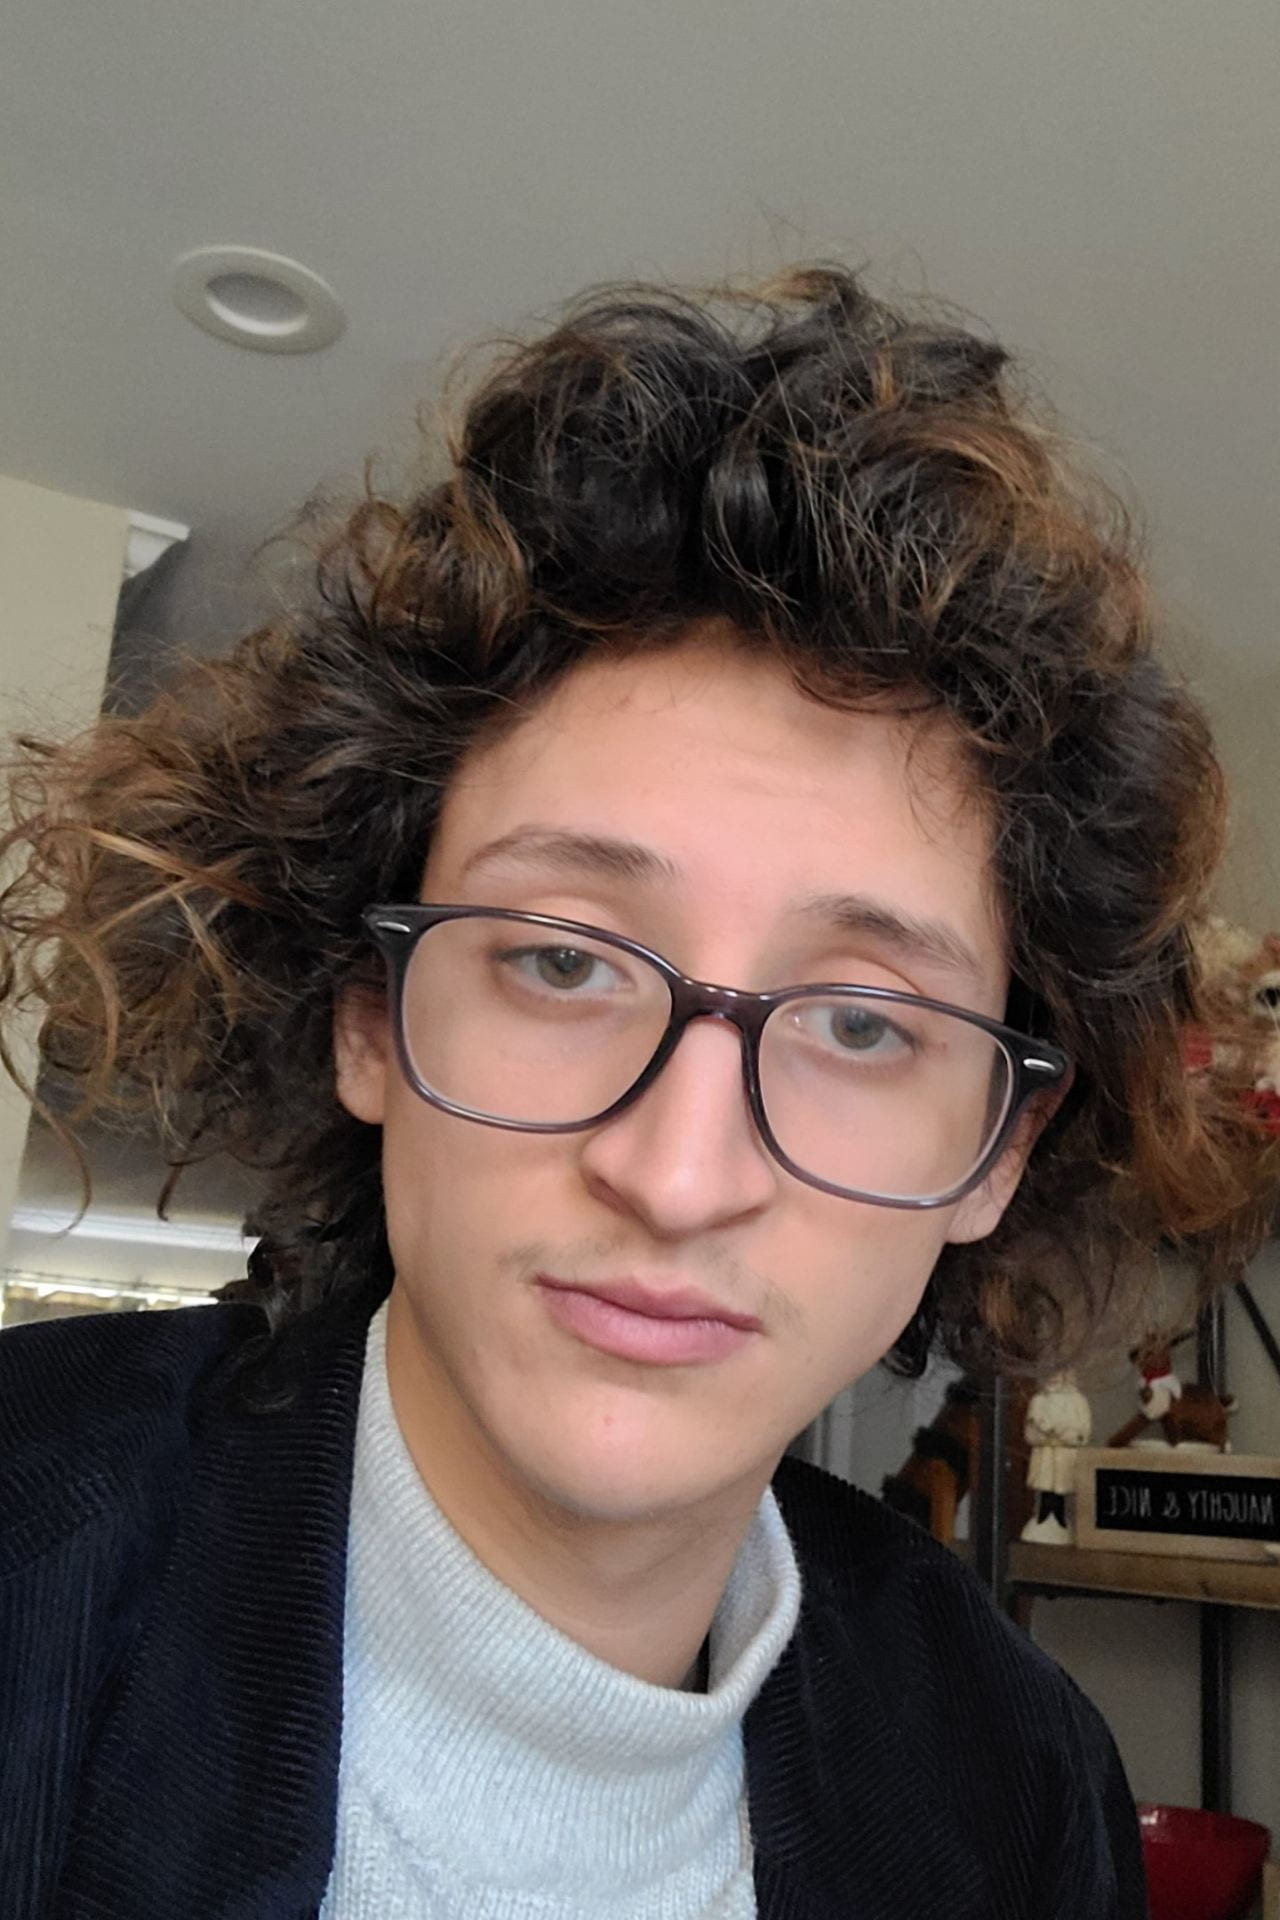 Matt Benvenuto